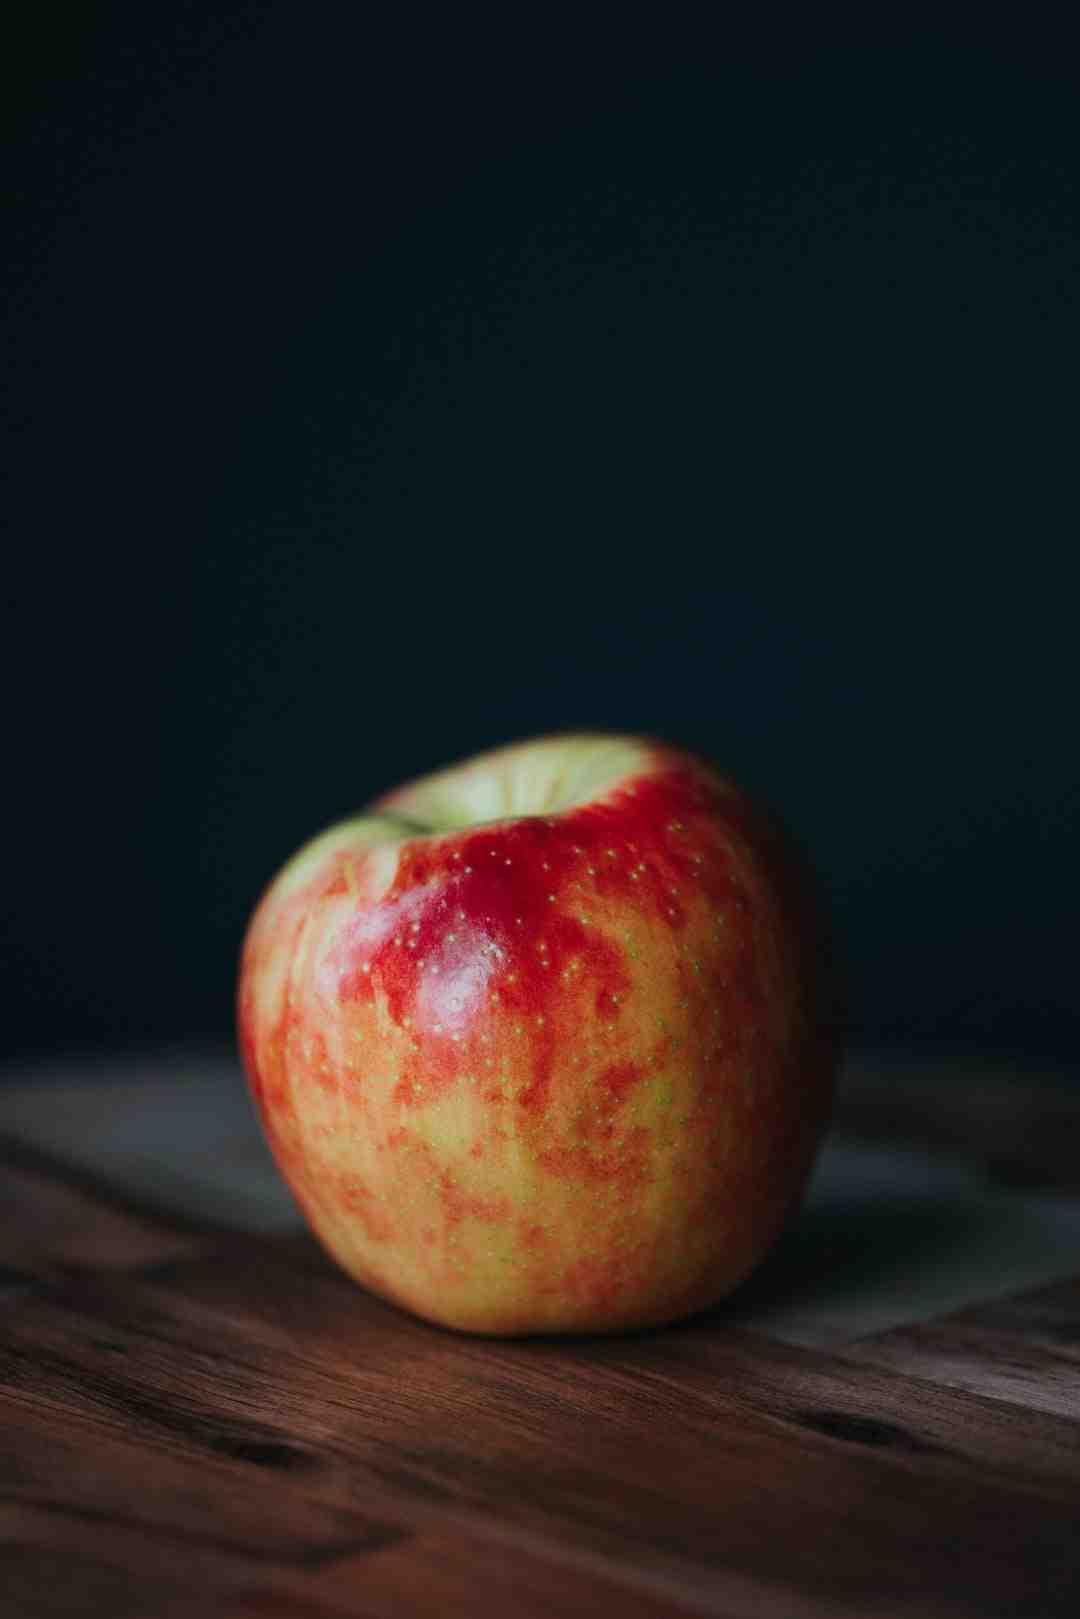 Répondant à une question, l'assistant intelligent a annoncé que la firme à la pomme prévoit une présentation le 20 avril.